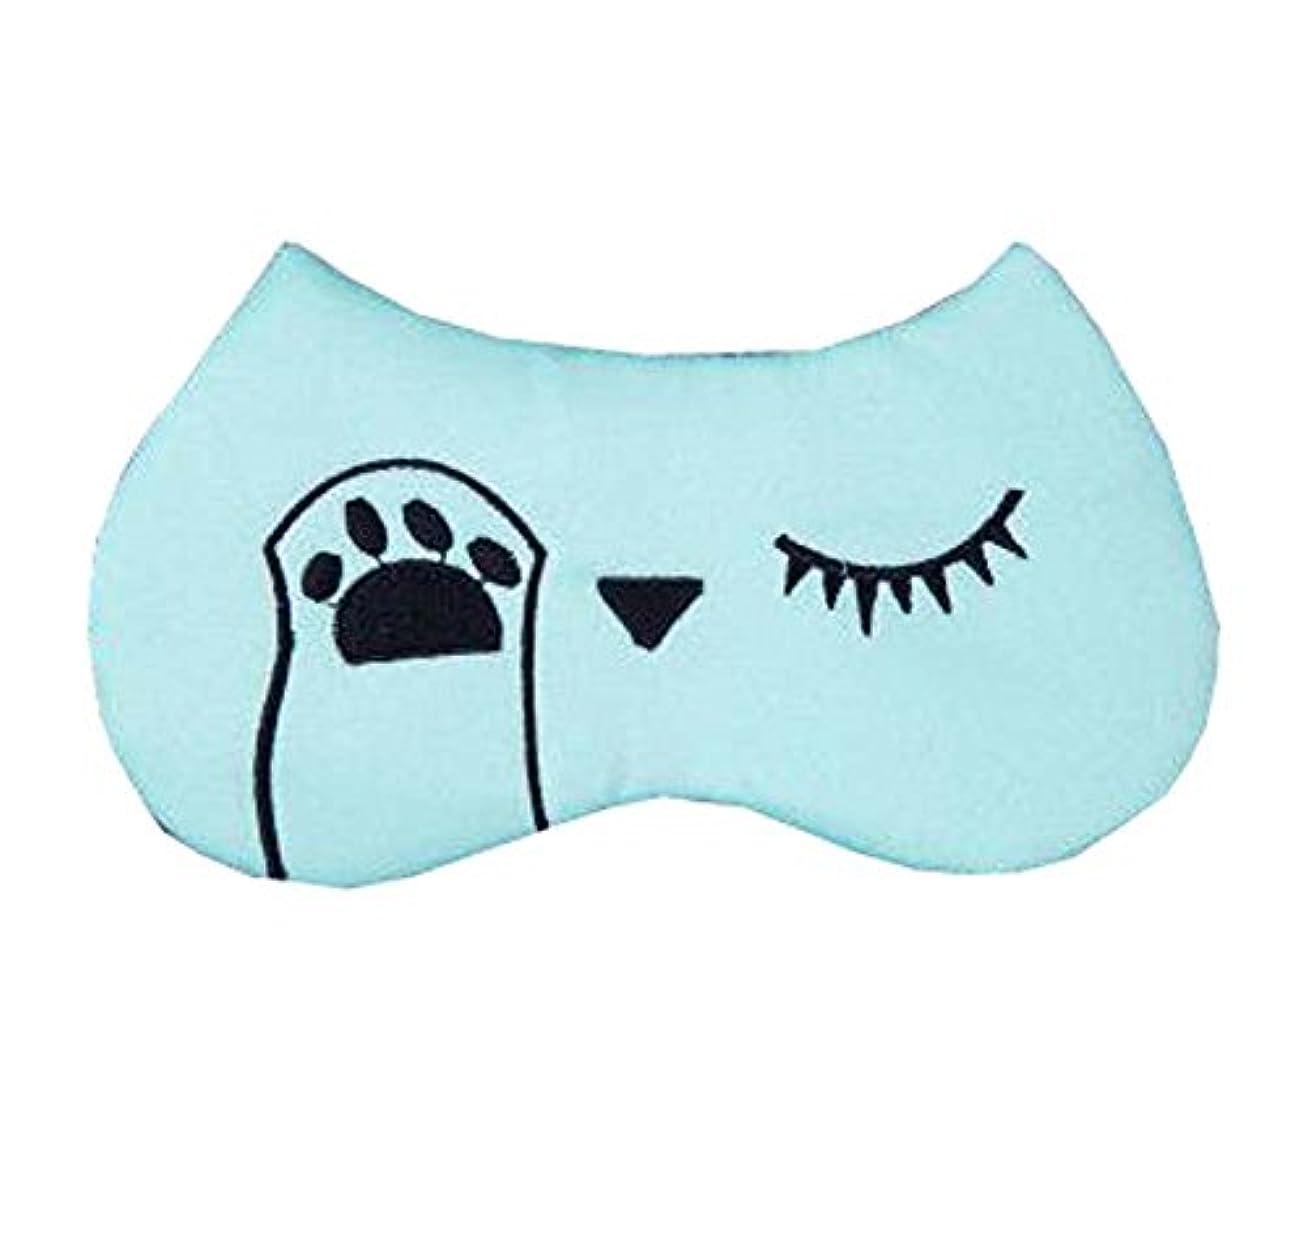 なぞらえる申し立てるから聞くおかしい目のパターンアイマスクトラベルアイマスク睡眠マスク、ブルー